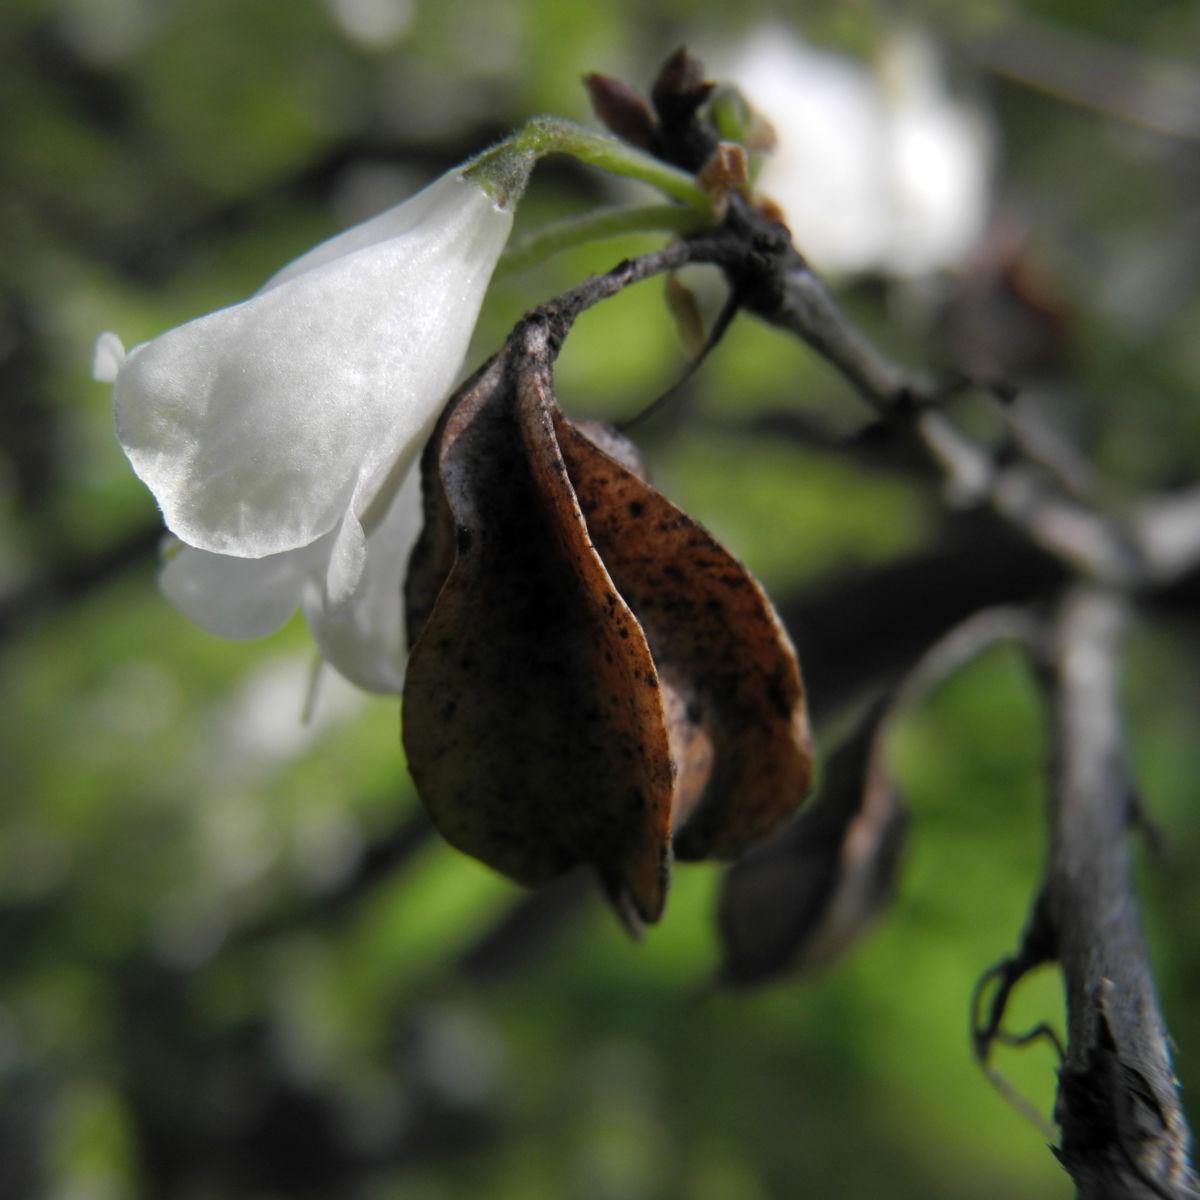 Carolina Maigloeckchenbaum Frucht braun Halesia carolina